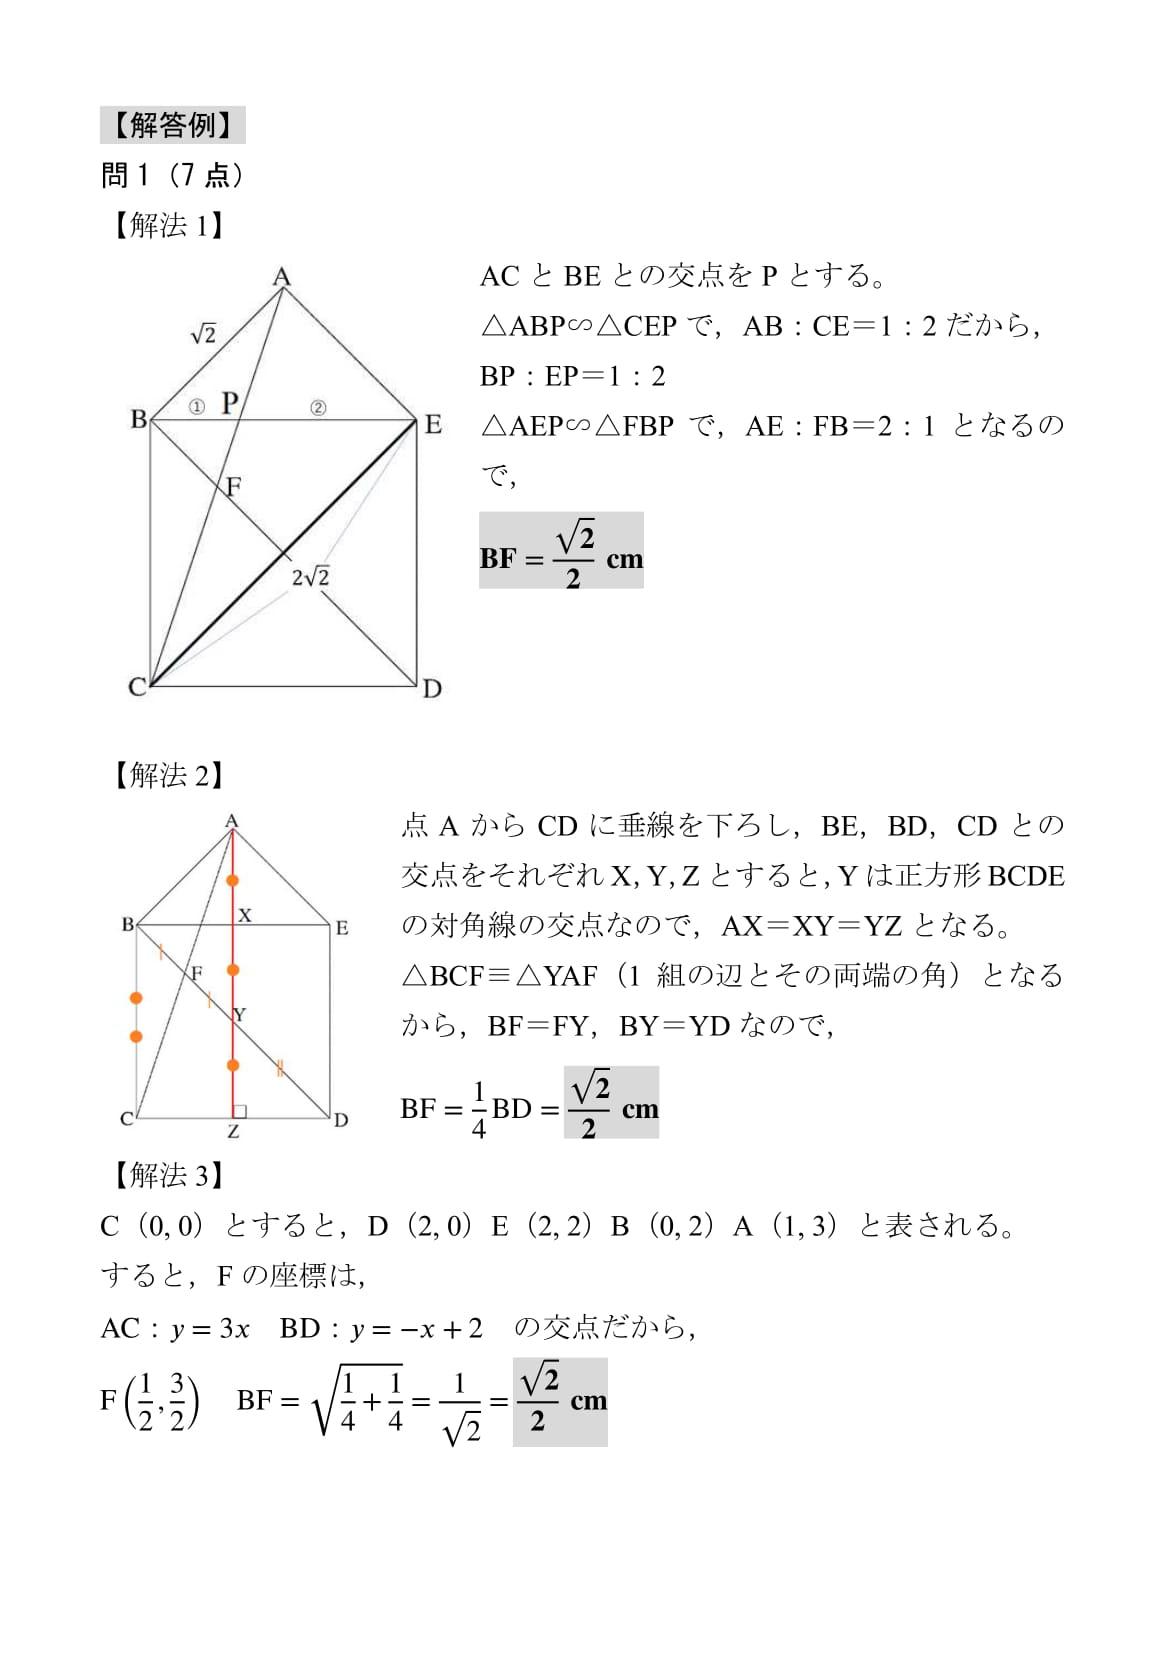 2020 高校入試 数学 立川 過去問 解答 解説 良問 難問 中学数学 無料